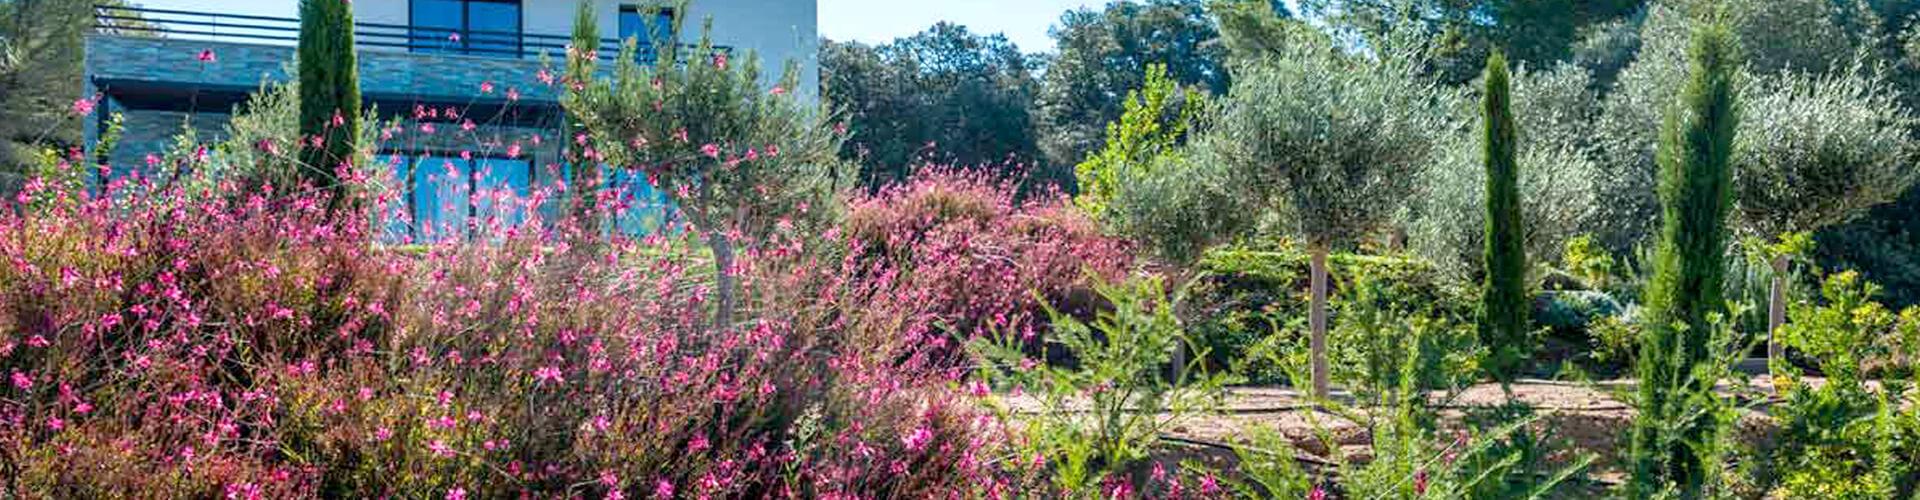 Terraverde, paysagiste et entretien espaces verts à Paulhan en Coeur d'Hérault